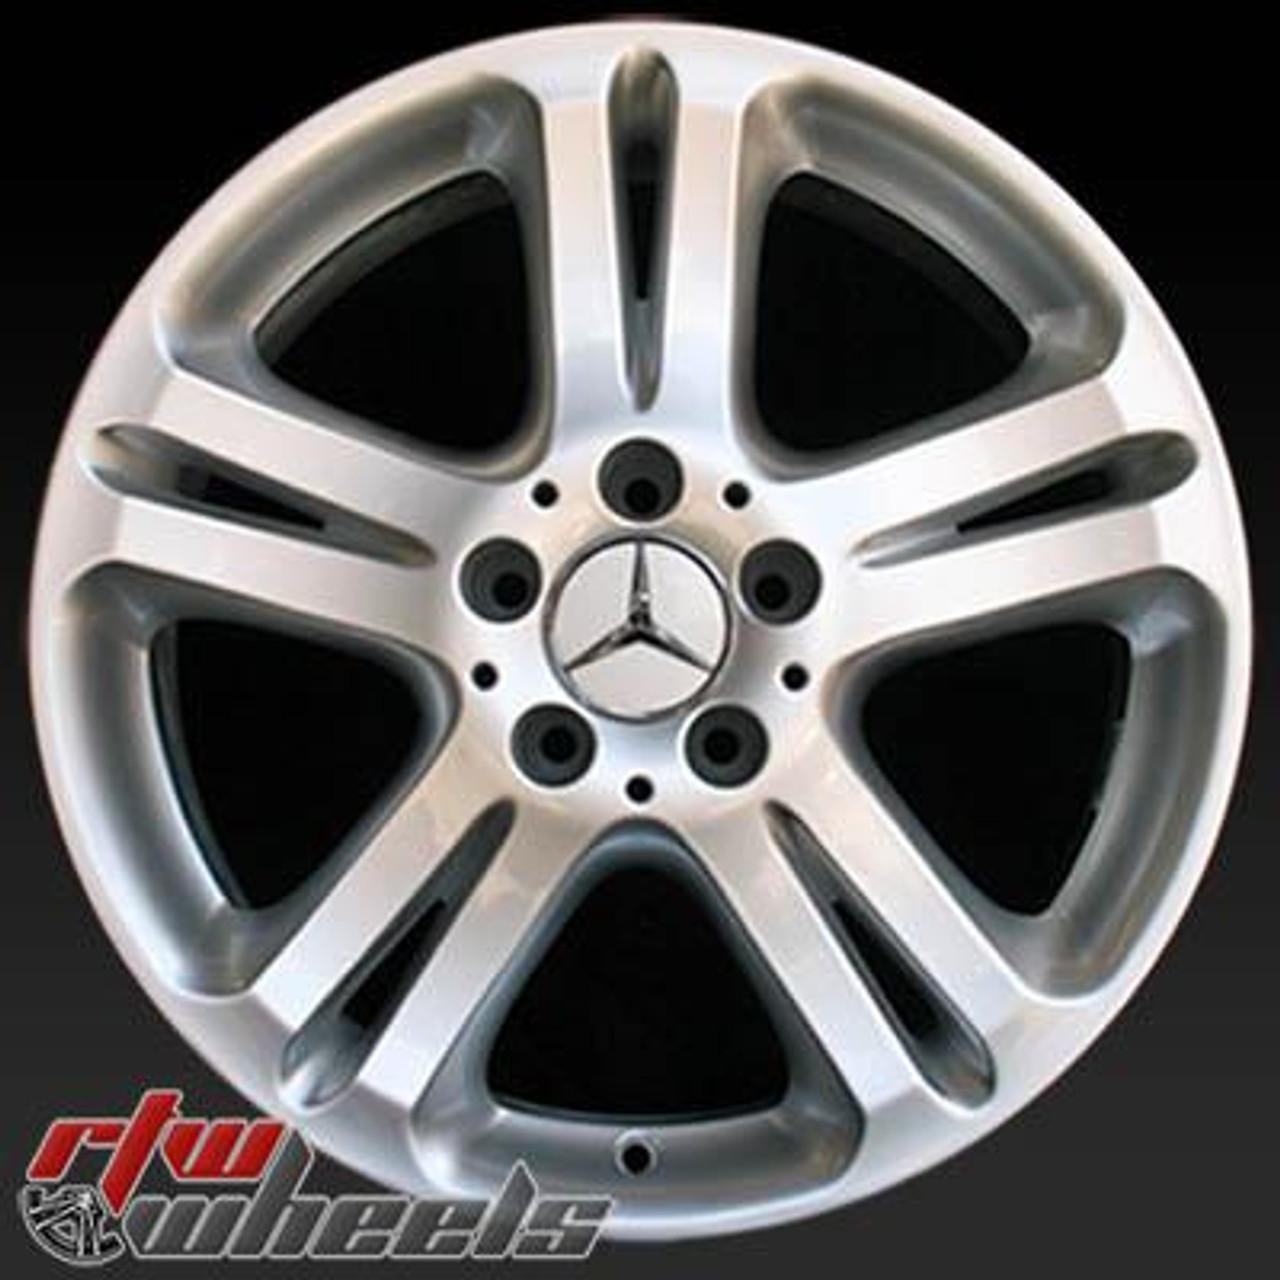 Mercedes Rims For Sale >> Mercedes E Class Wheels For Sale 2004 2006 17 Silver Rims 65332